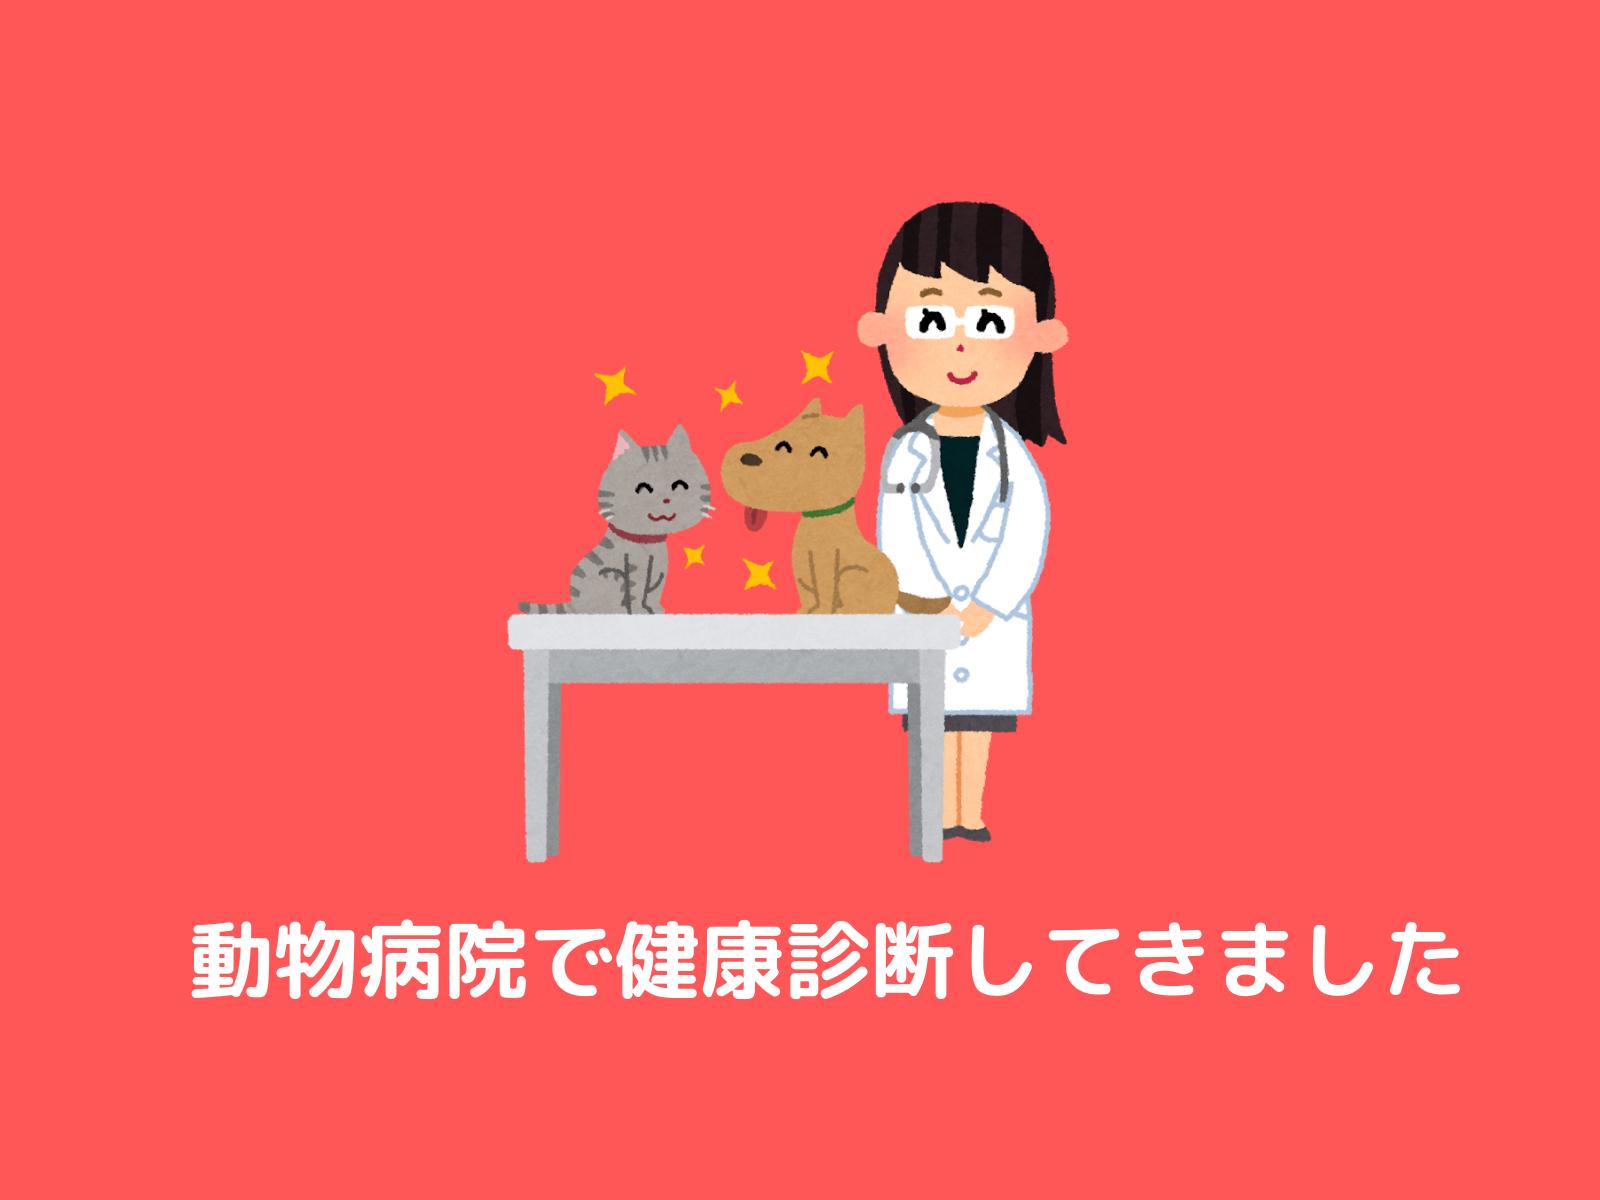 動物病院で健康診断してきました